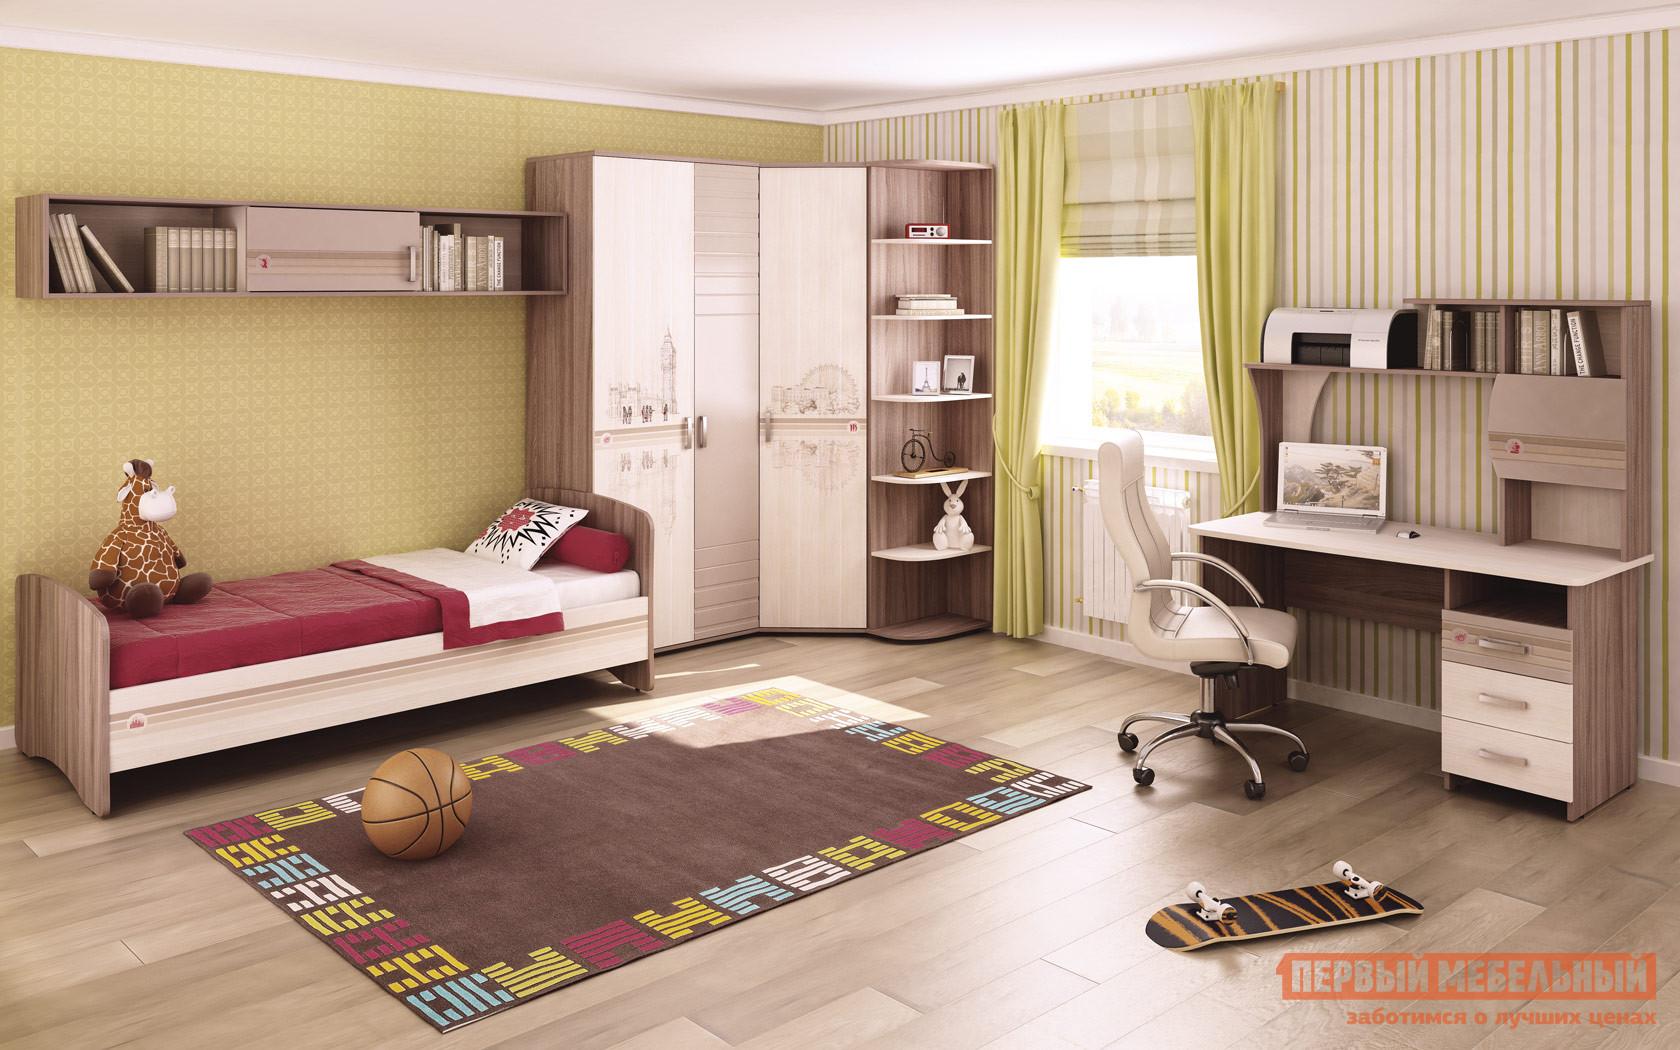 Комплект детской мебели Витра Британия К1 комплект детской мебели трия навигатор к1